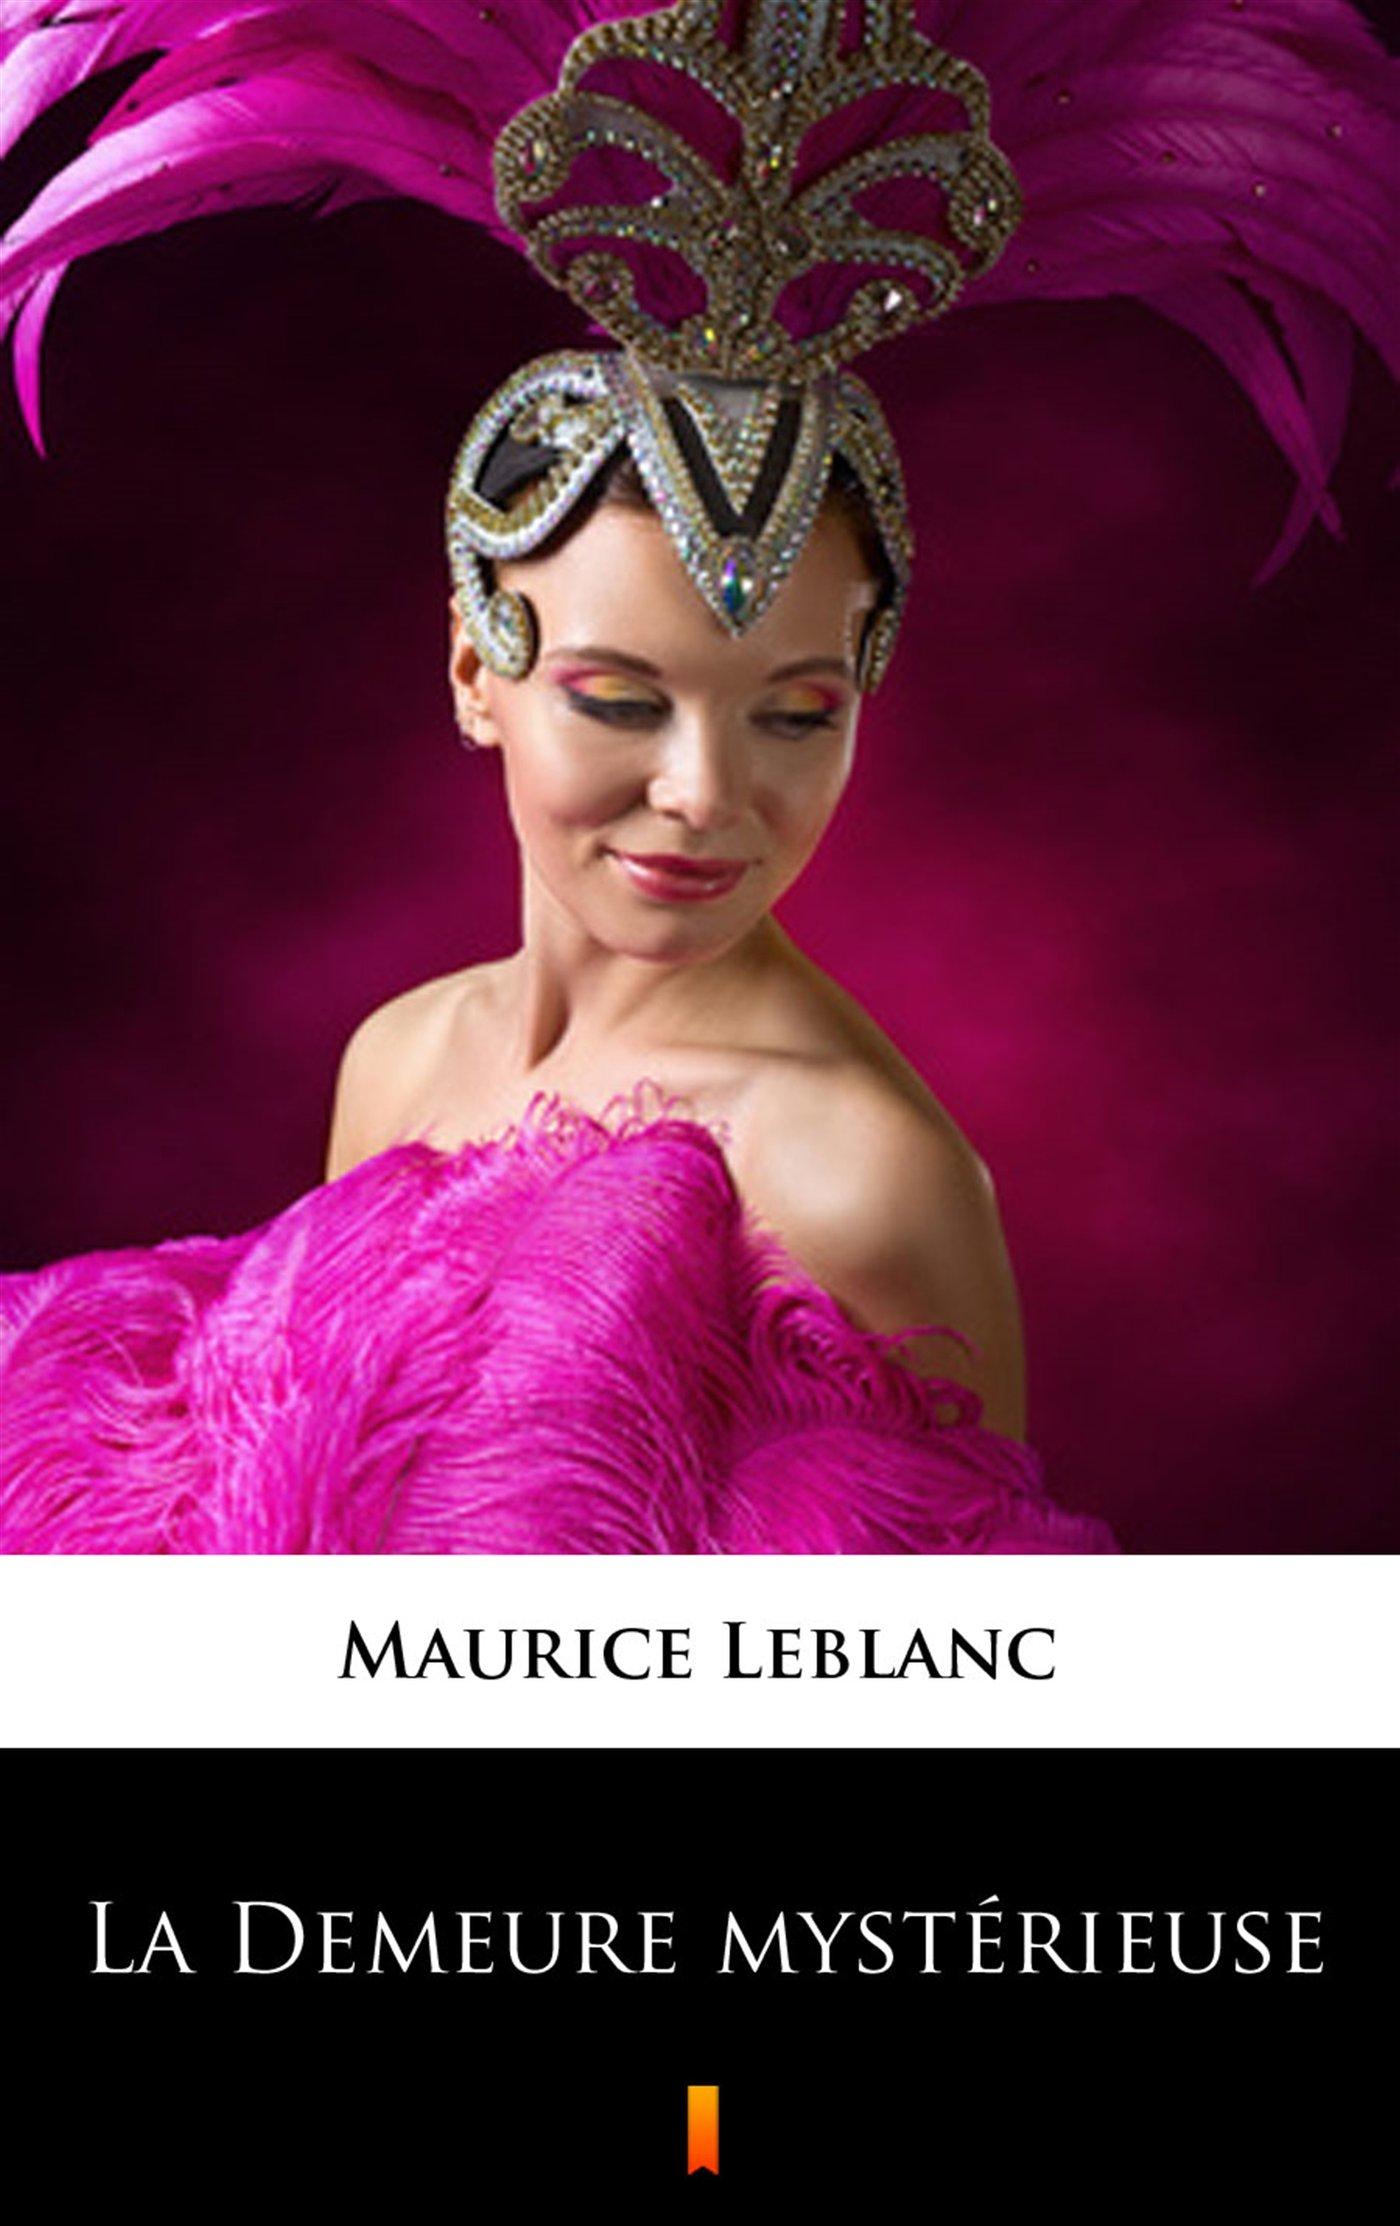 La Demeure mysterieuse - Ebook (Książka EPUB) do pobrania w formacie EPUB